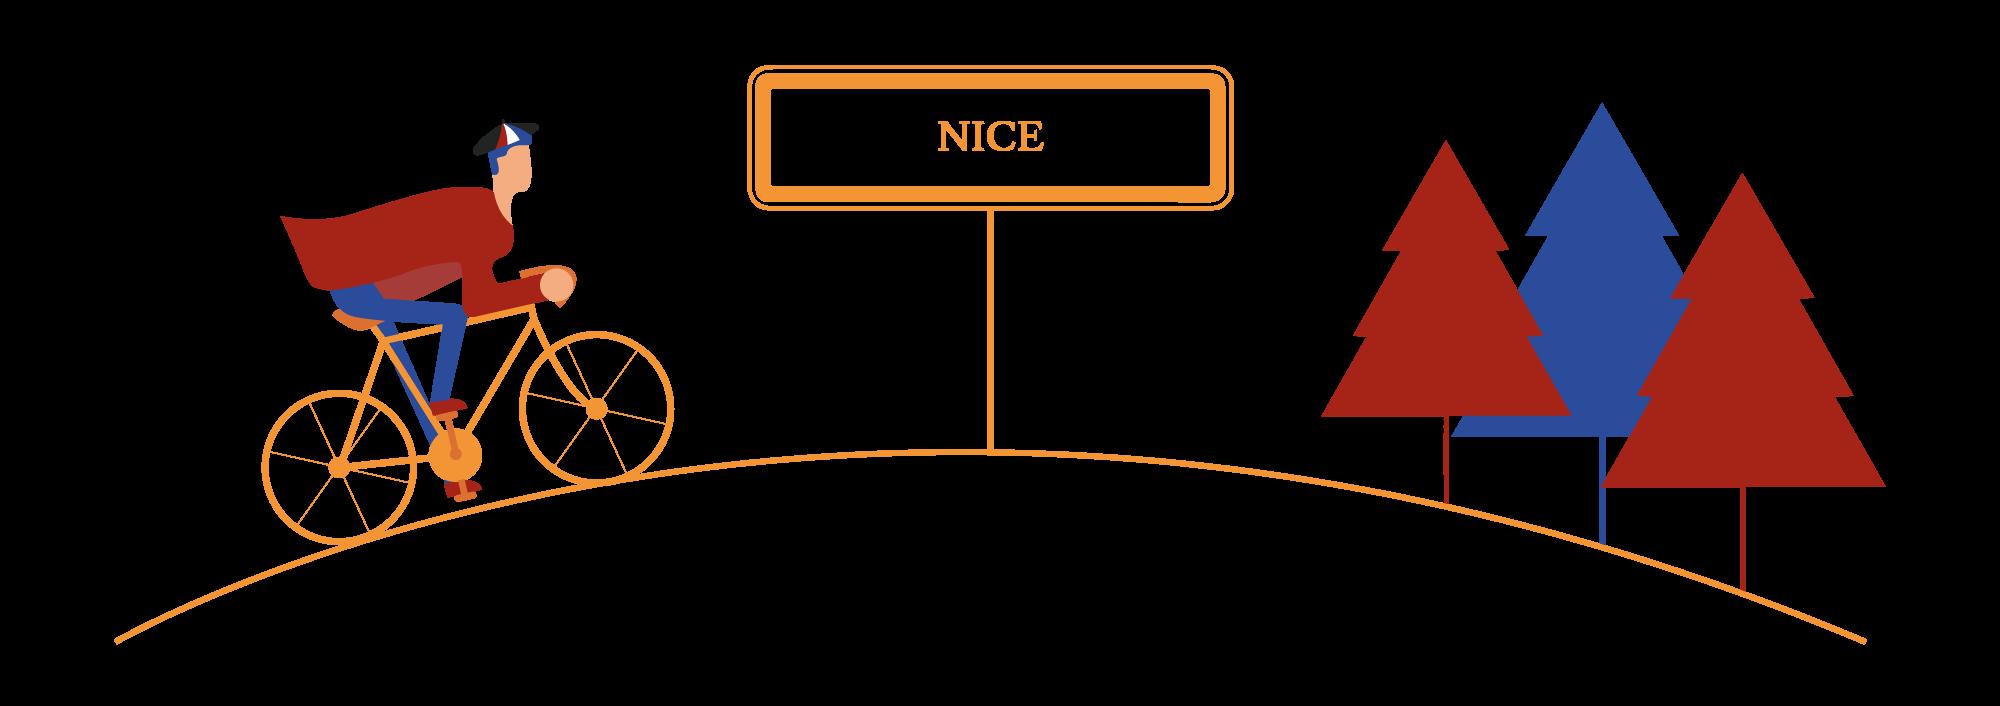 Spécialités de Nice